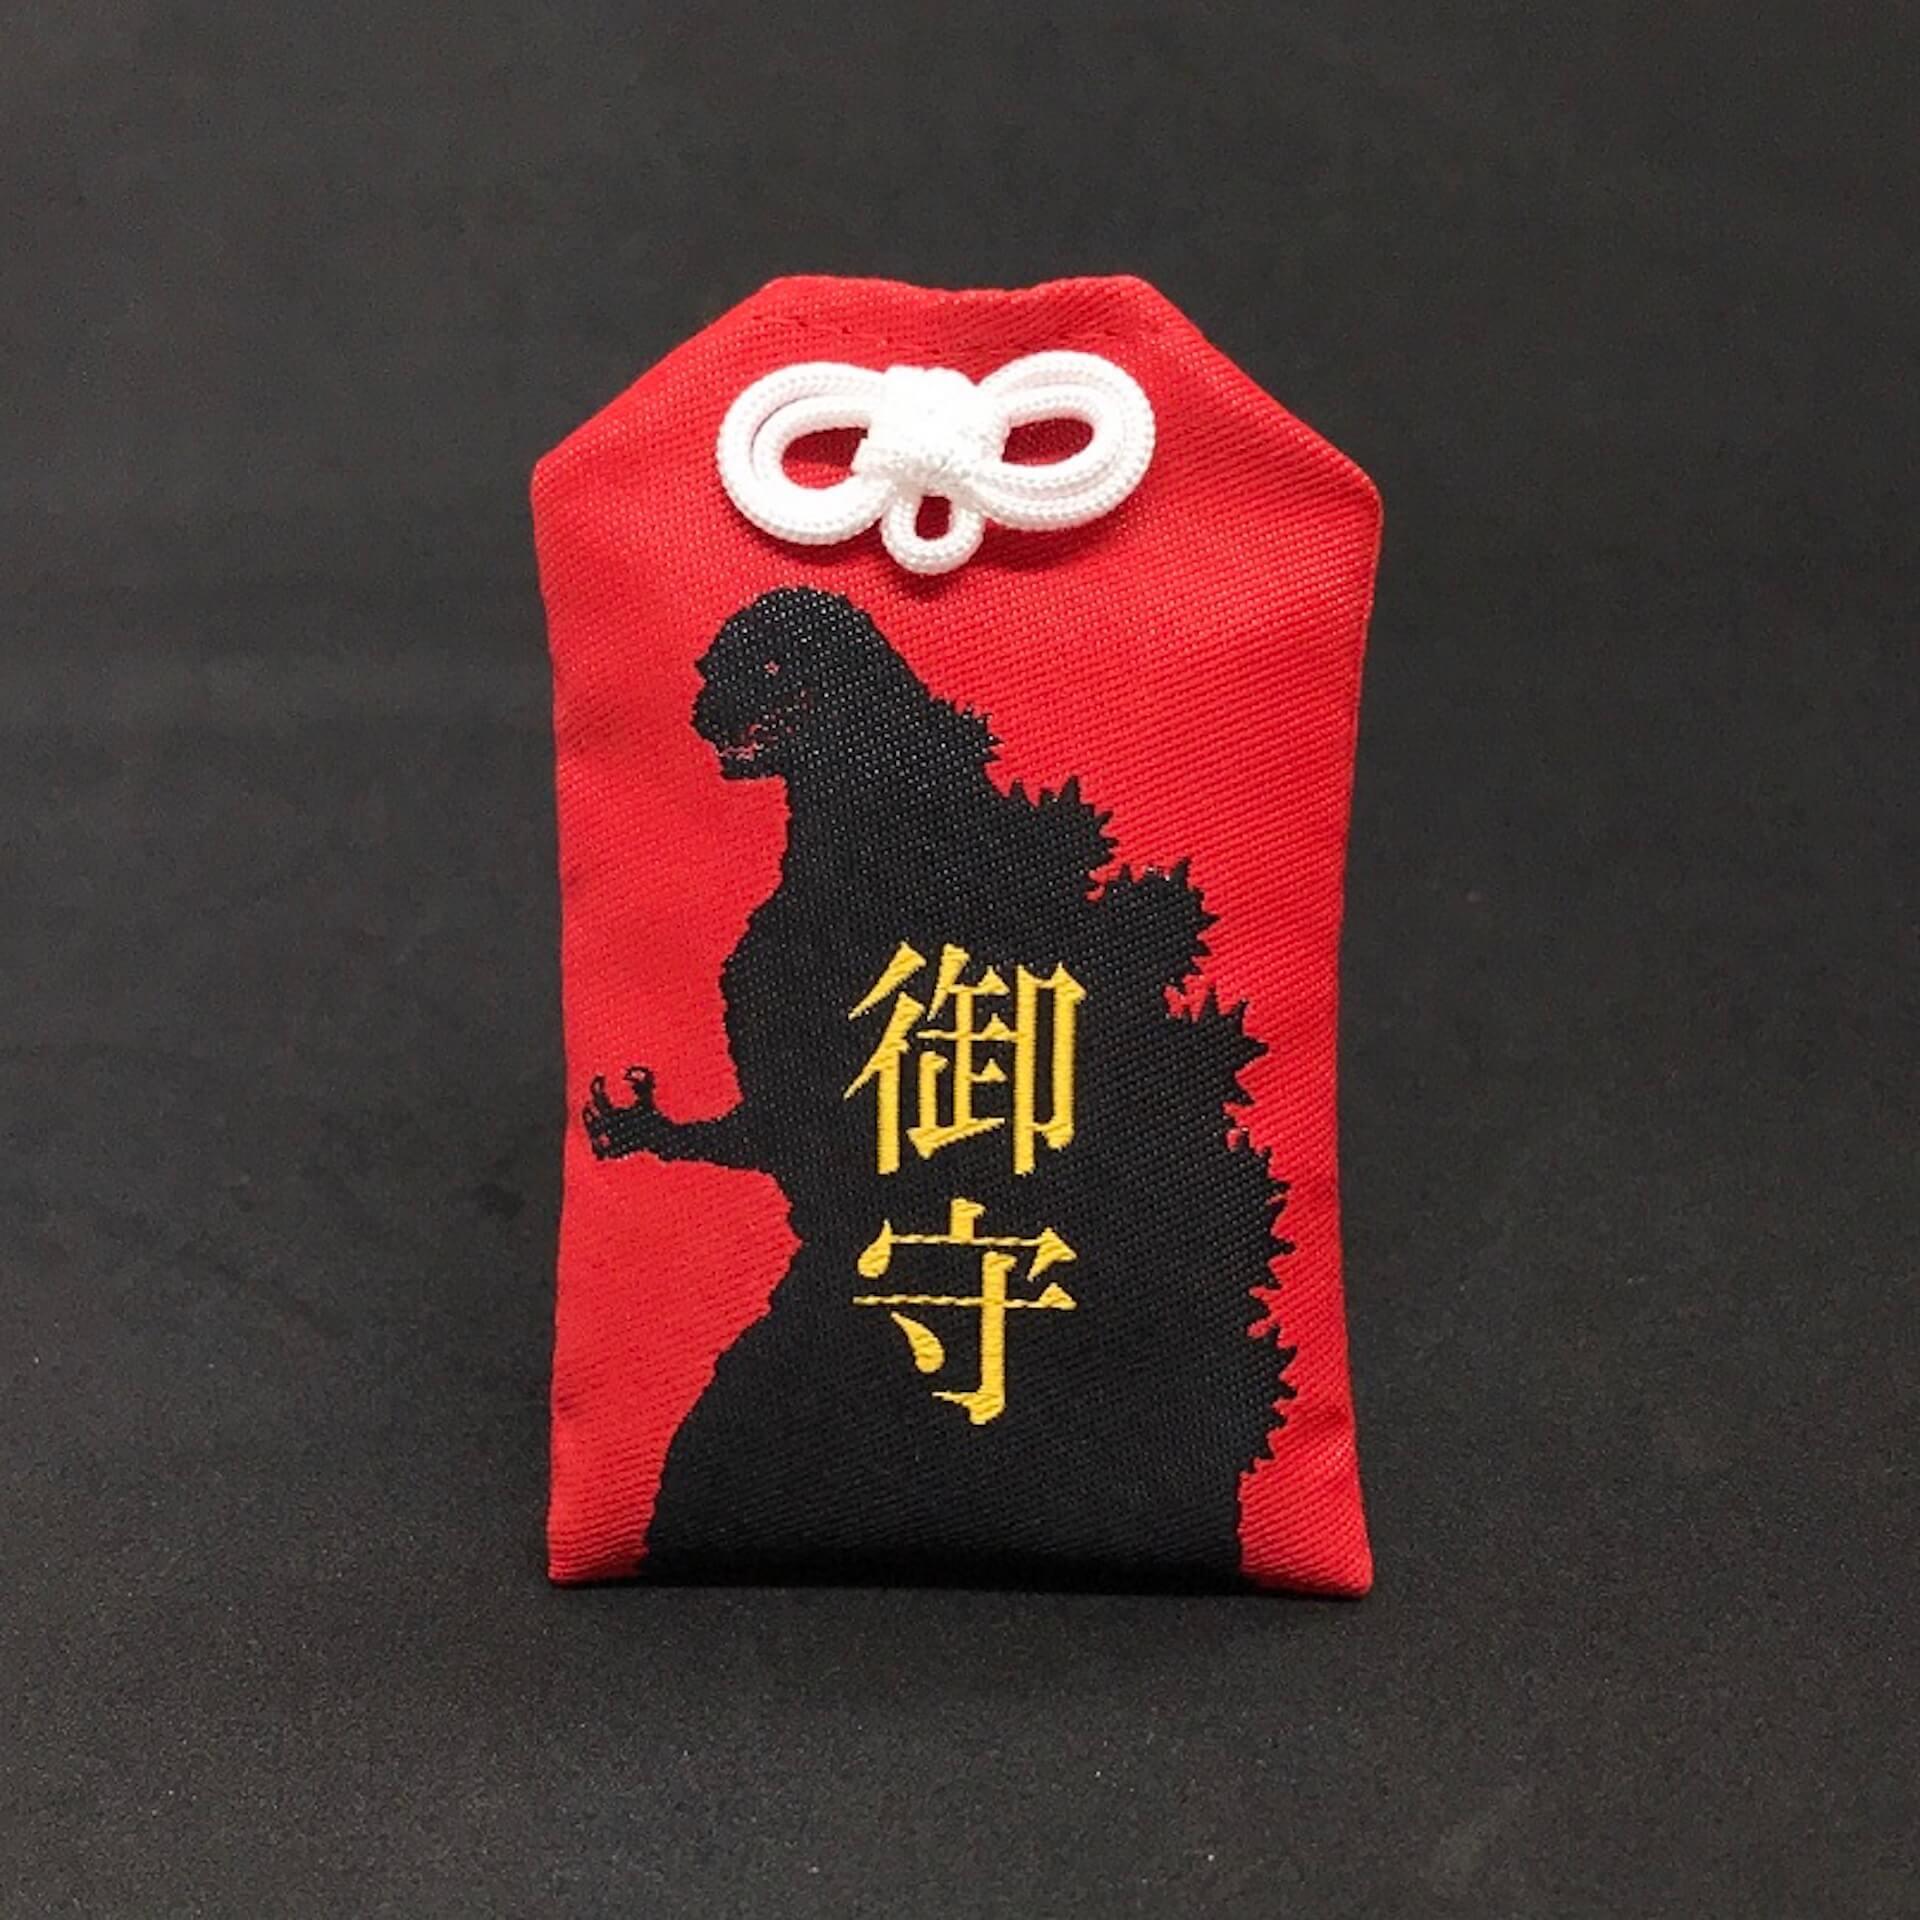 年末年始は『シン・ゴジラ』でお参りしよう!あの「タバ戦闘団前方 指揮所」が設置された多摩川浅間神社とコラボしたお守り&絵馬セット登場 film191226_godzilla_5